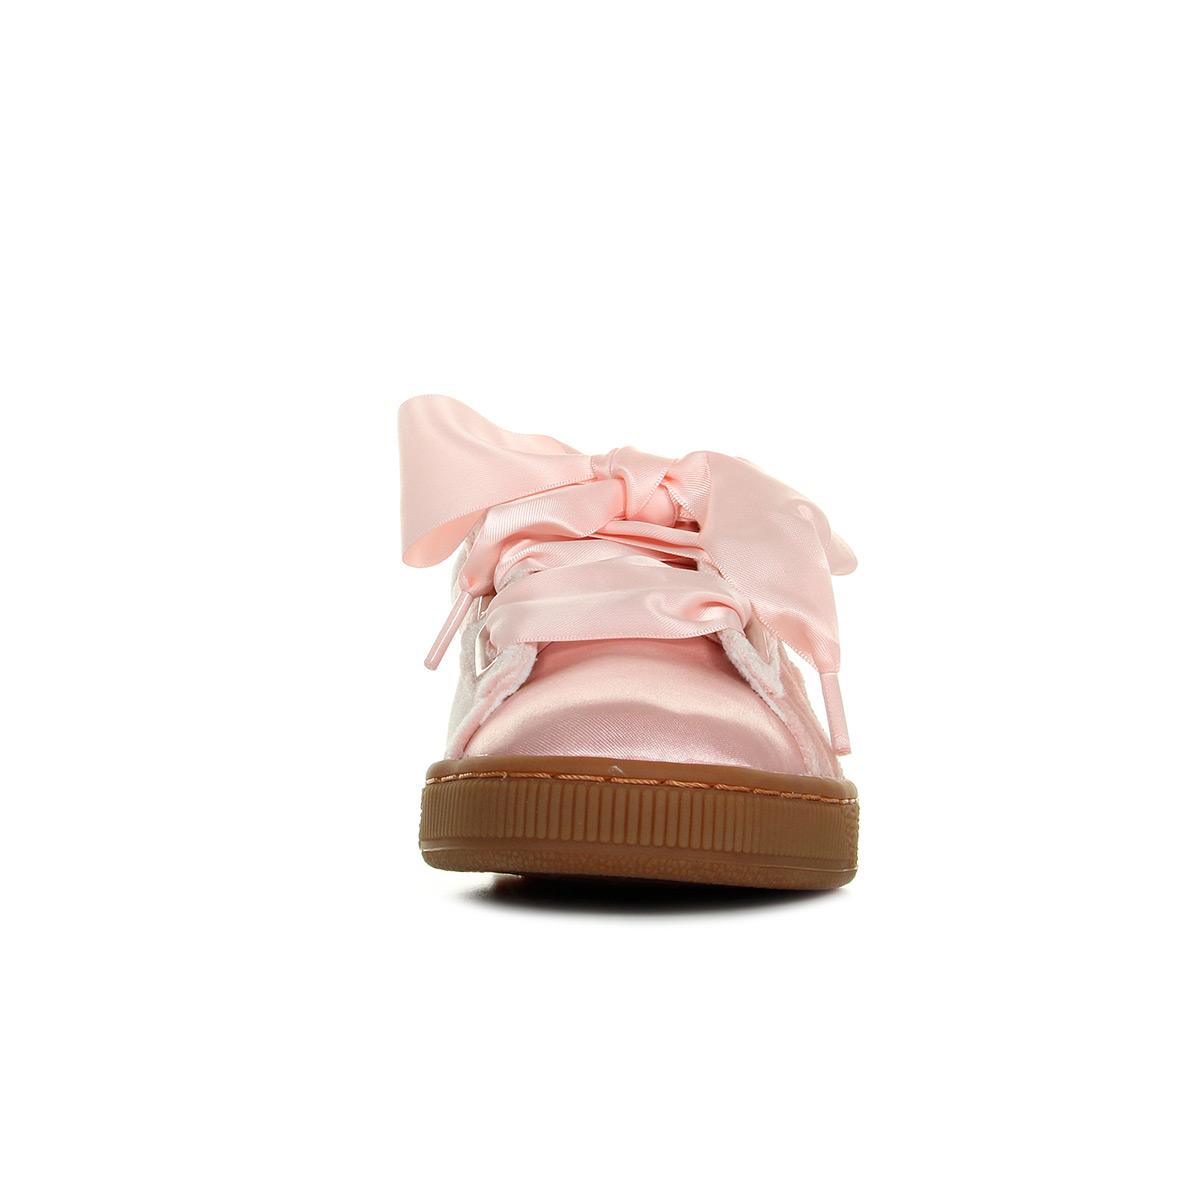 Velvet Heart Mode Baskets Wn's 36673102 Basket Femme Puma 5EPxqO8wO